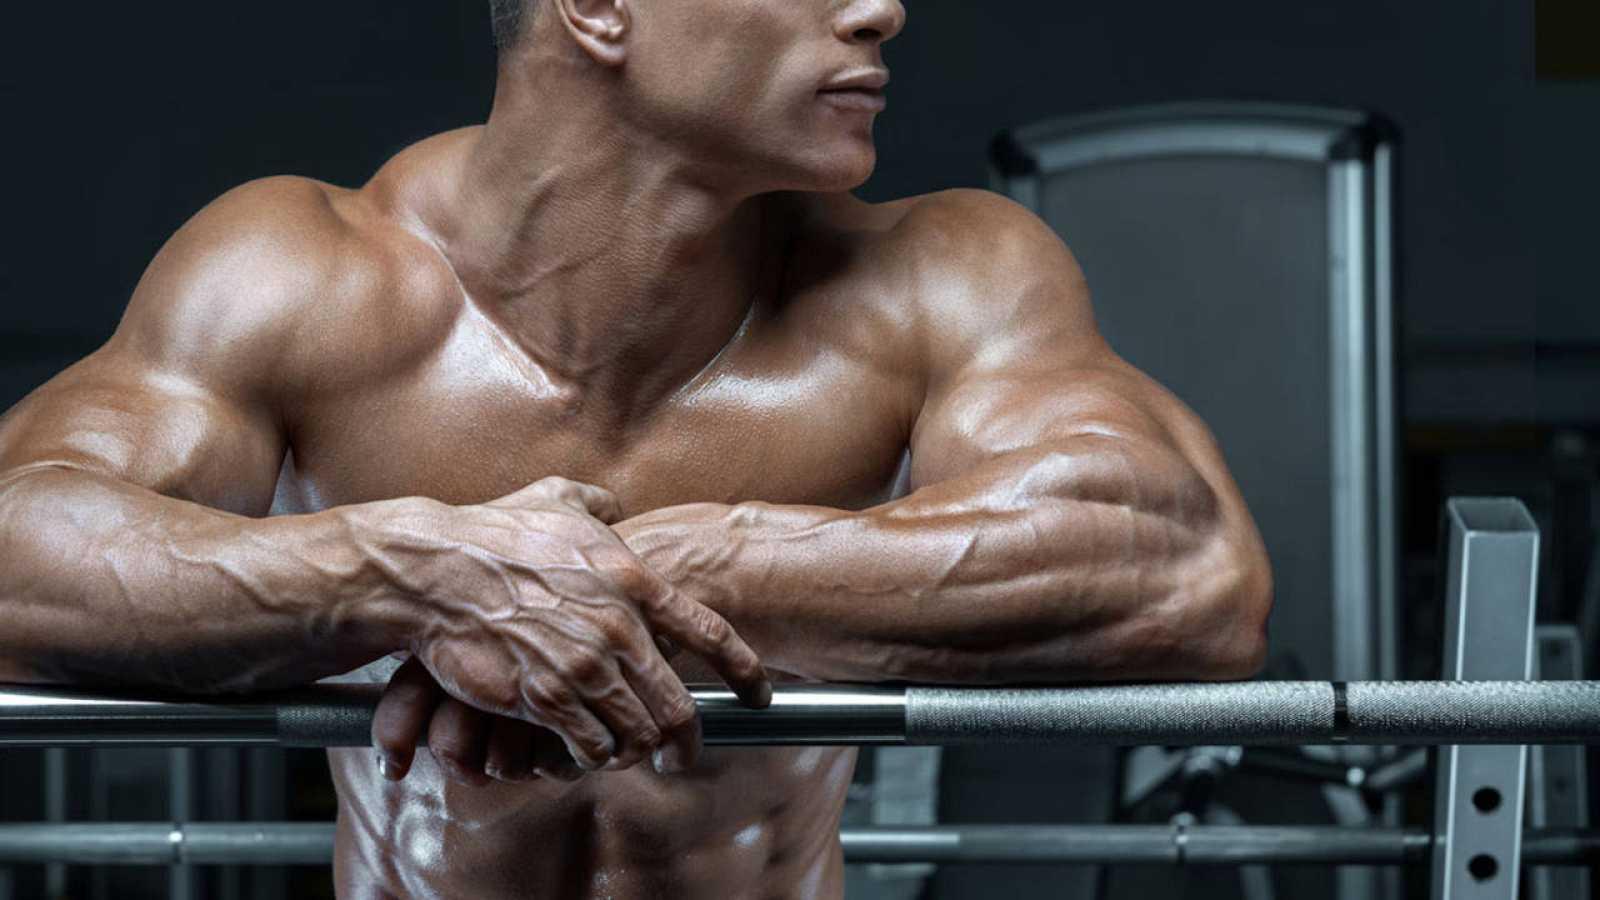 Los vigoréxicos bajan el nivel de grasa corporal hasta límites peligrosos para la salud.